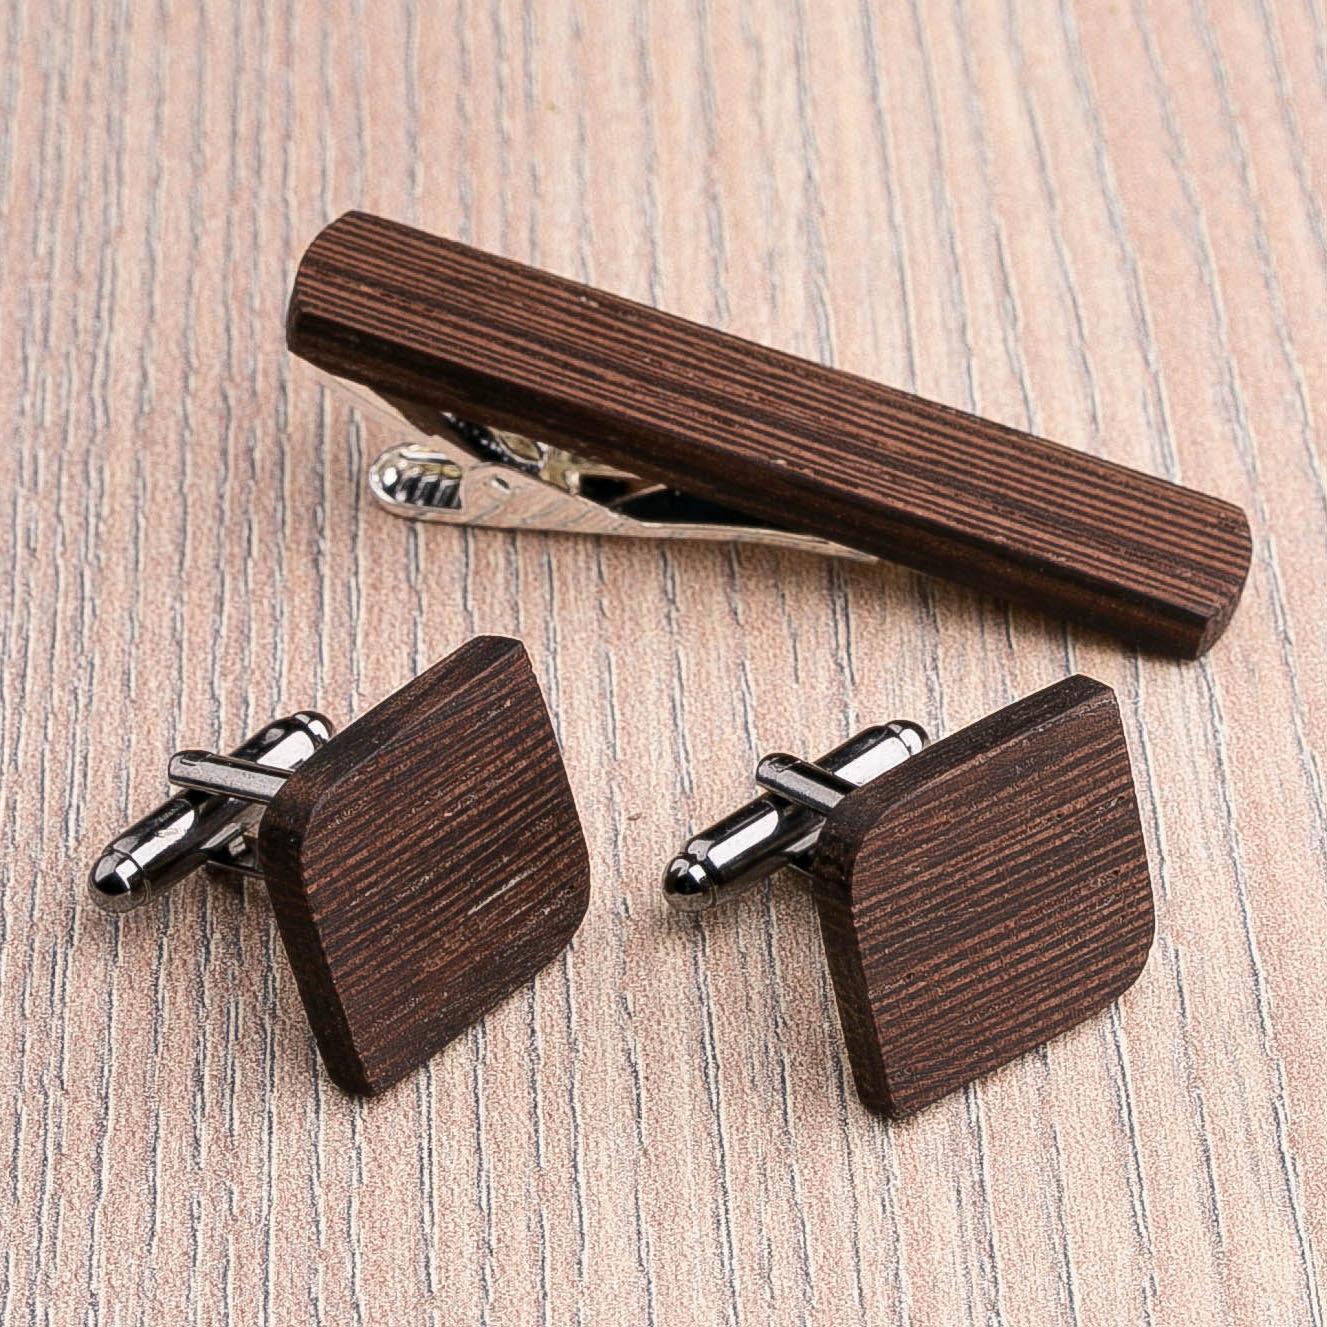 Комплект: Скругленные запонки из дерева и Деревянный зажим для галстука. Массив венге. Гравировка инициалов. Упаковка в комплекте CufflinksSet-RndSquareWenge